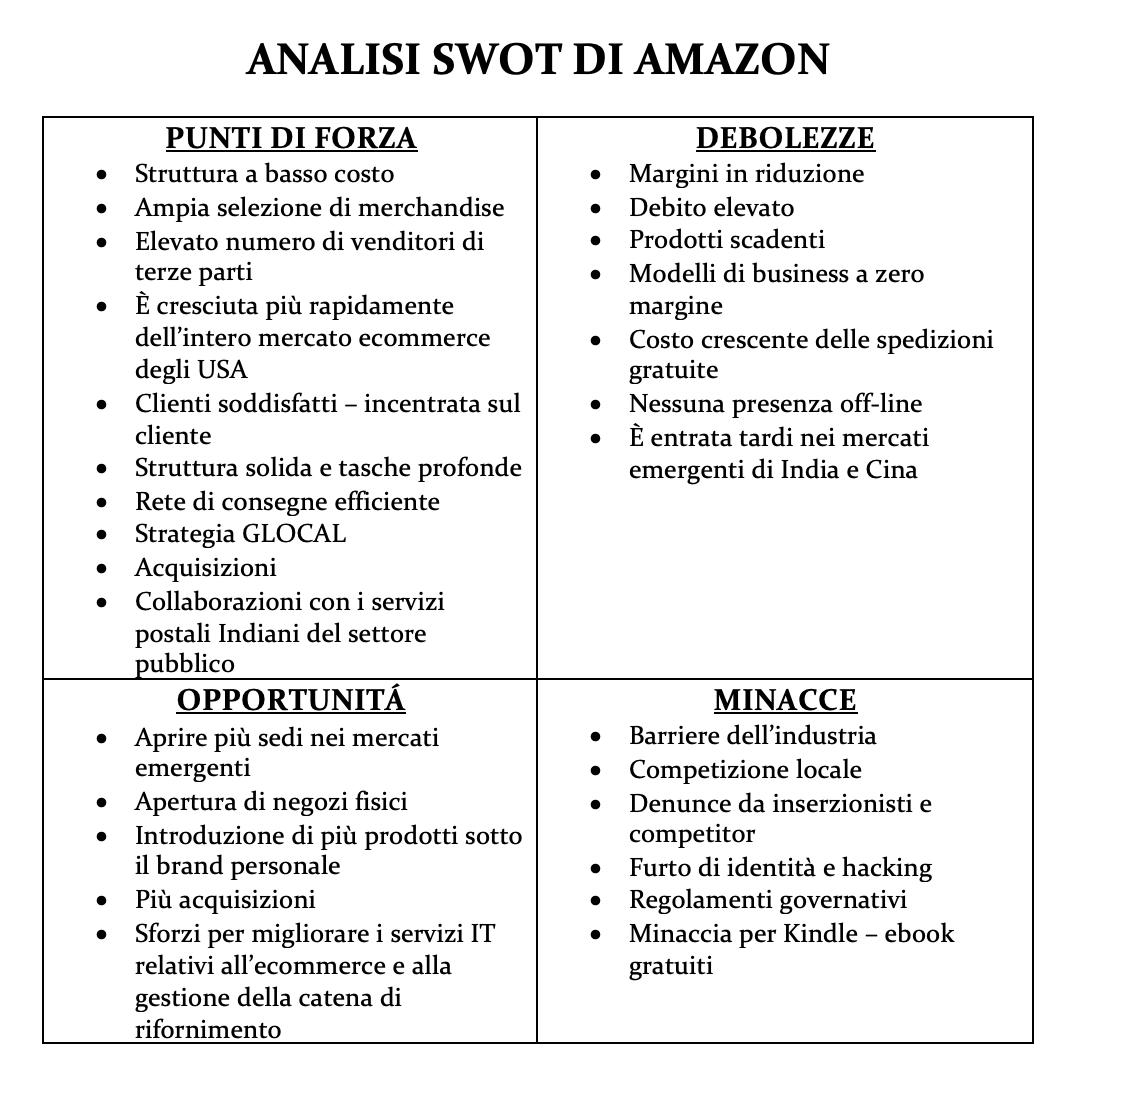 analisi di amazon